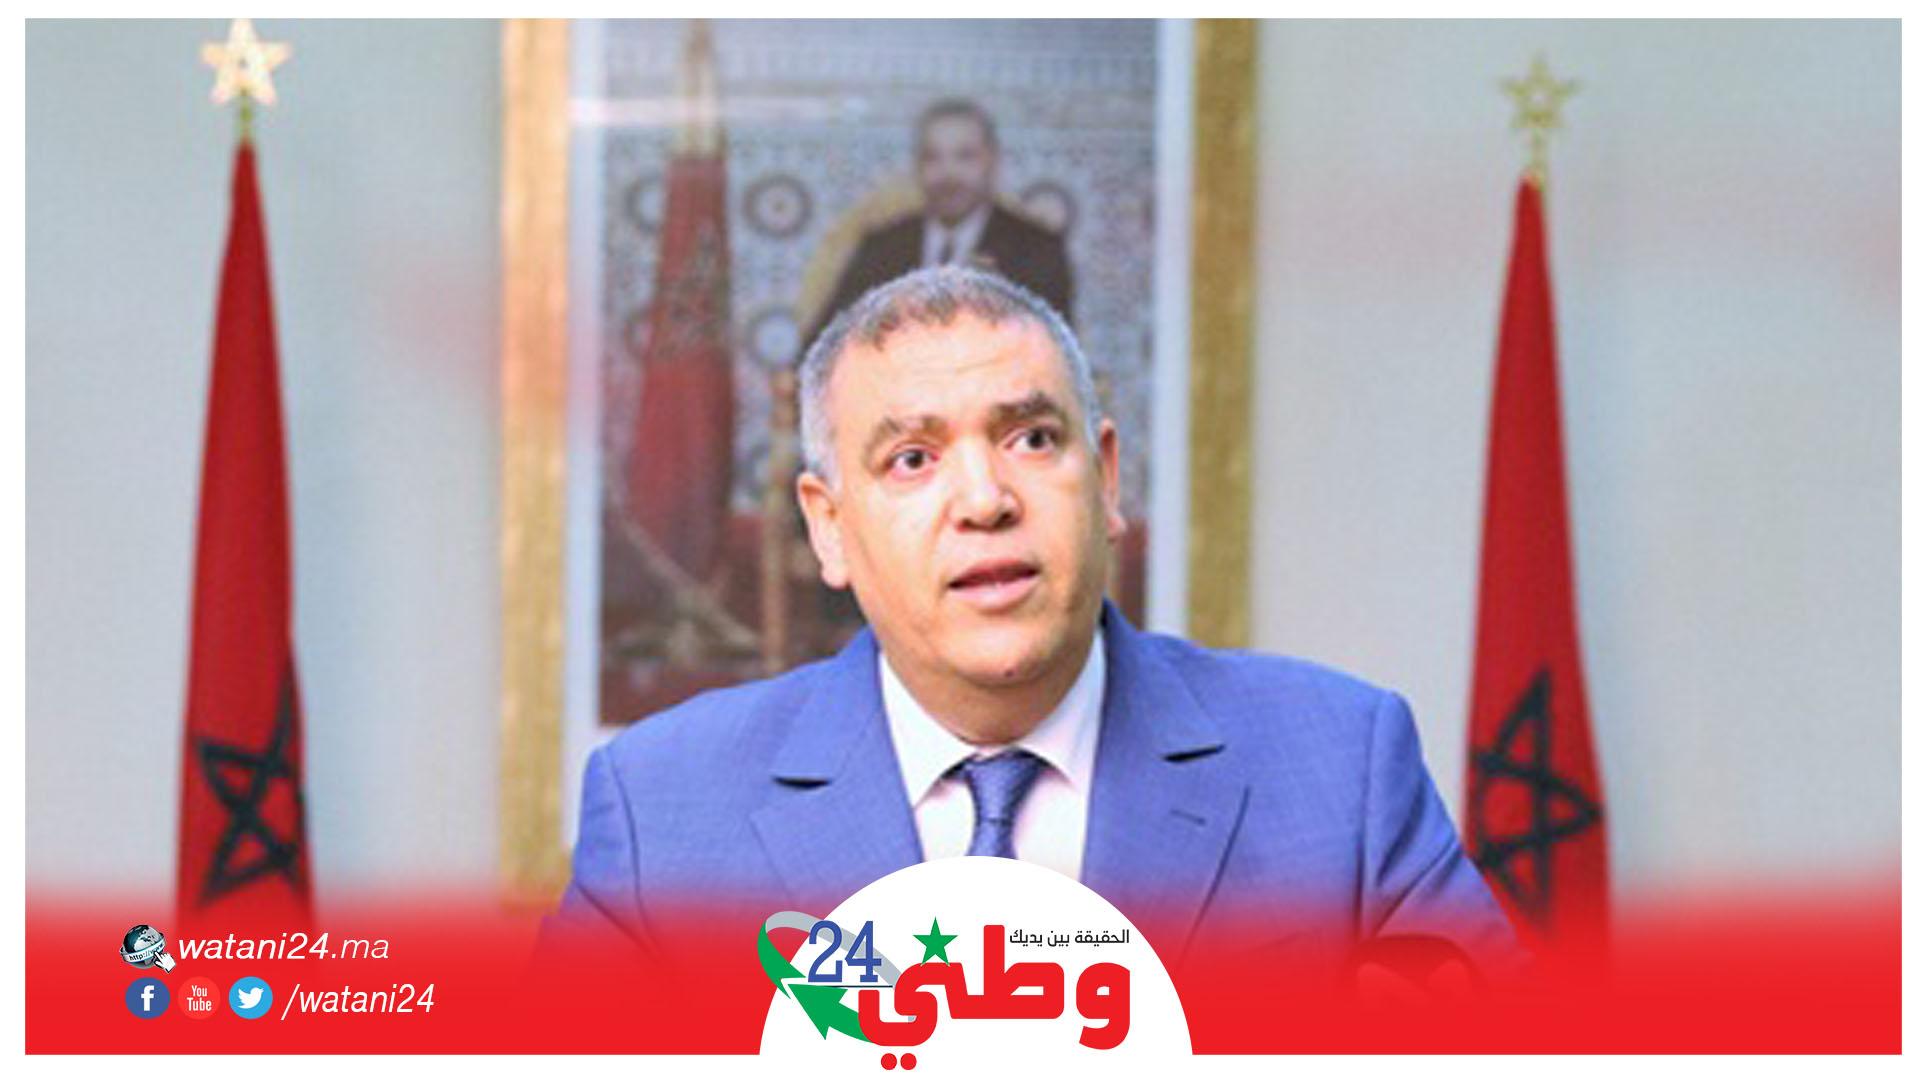 الداخلية تقرر فتح بحث إداري بخصوص قضية محامي الدار البيضاء